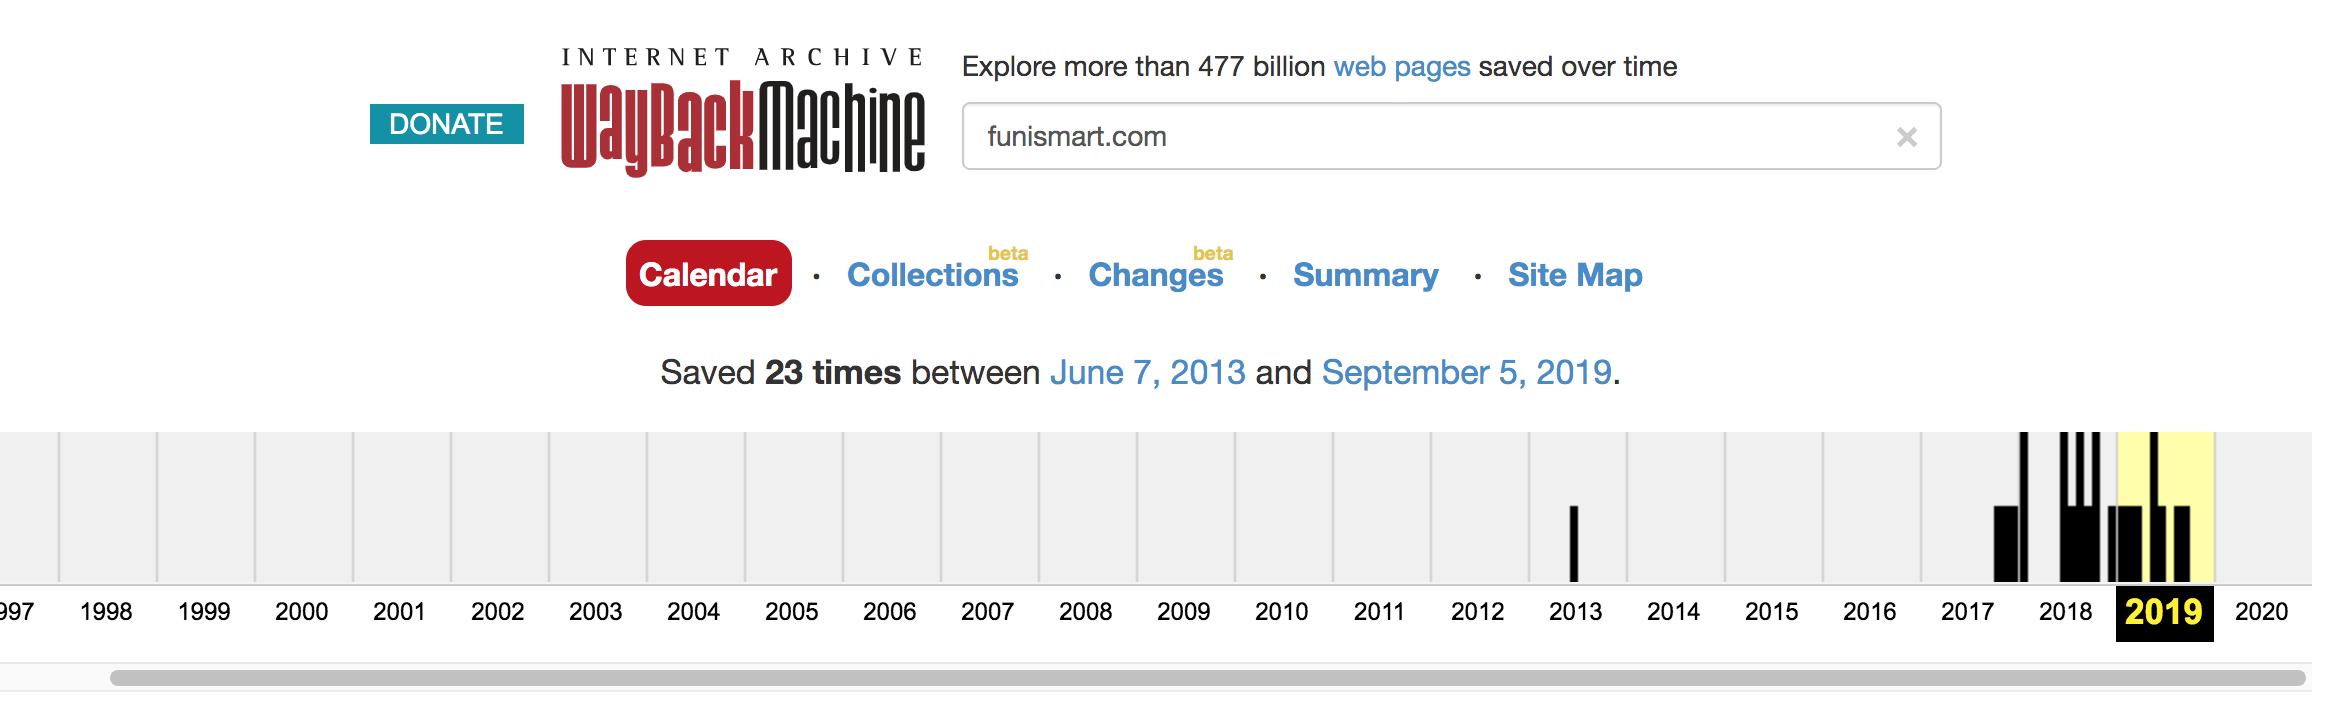 Thời gian công ty website funismart hoạt động từ 2017 đến nay